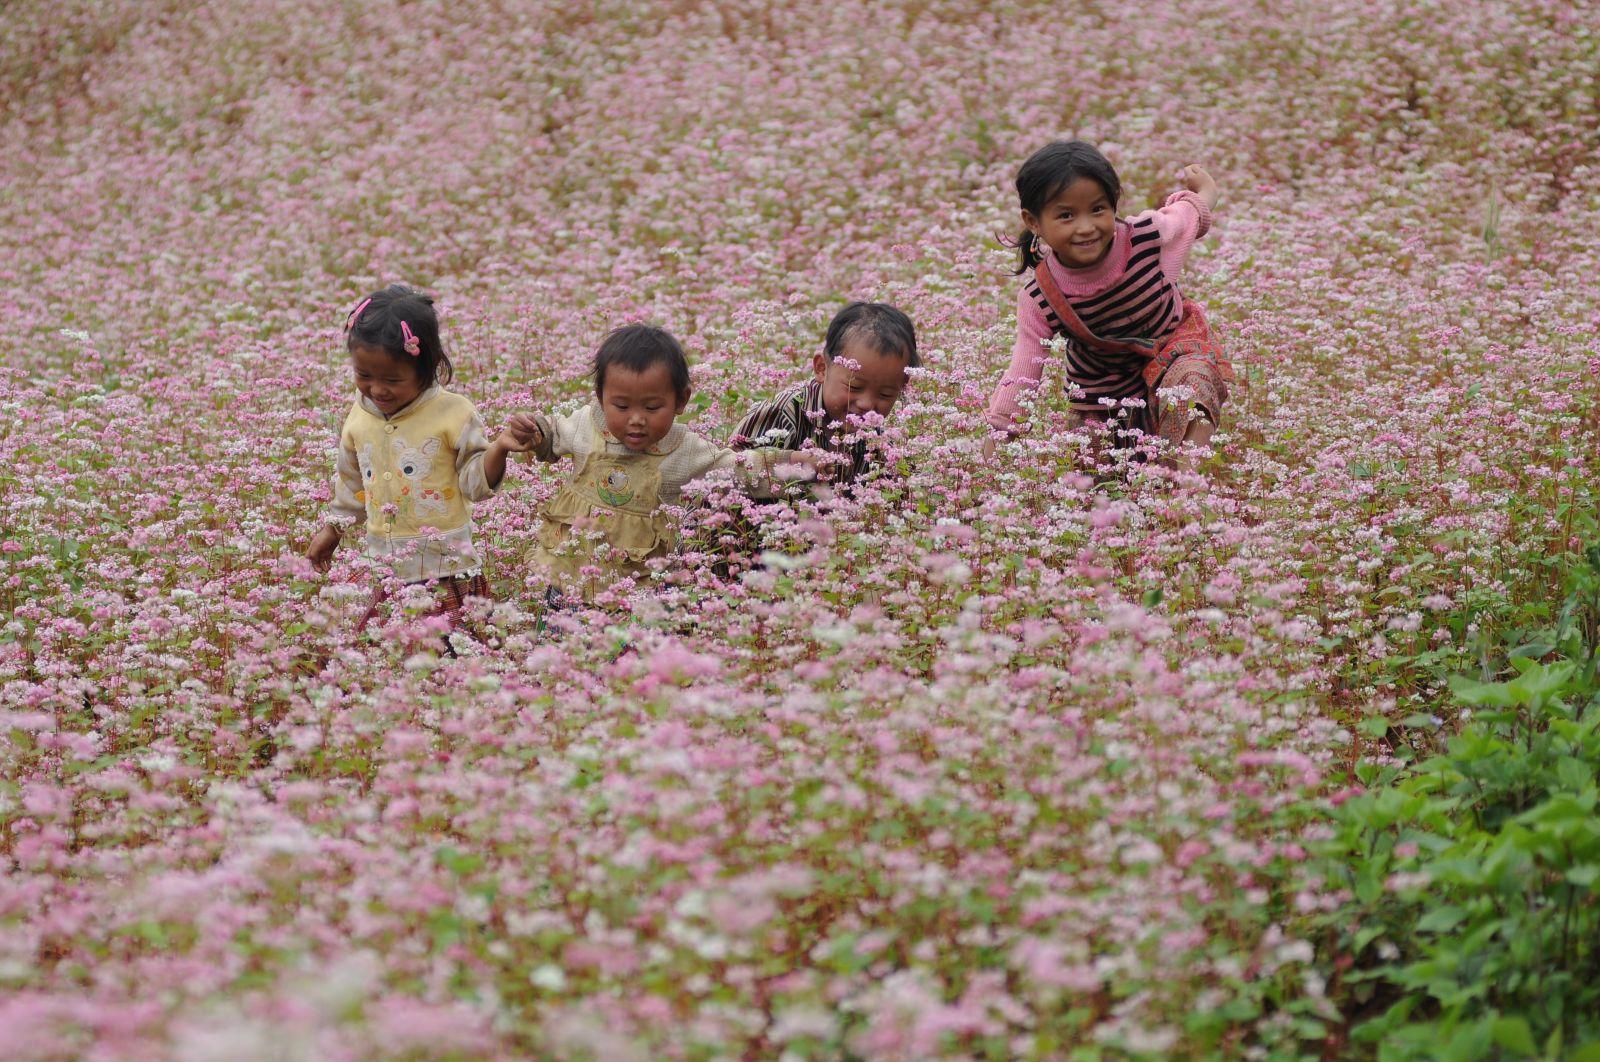 Chiêm ngưỡng những cánh đồng hoa tam giác mạch đẹp như mơ